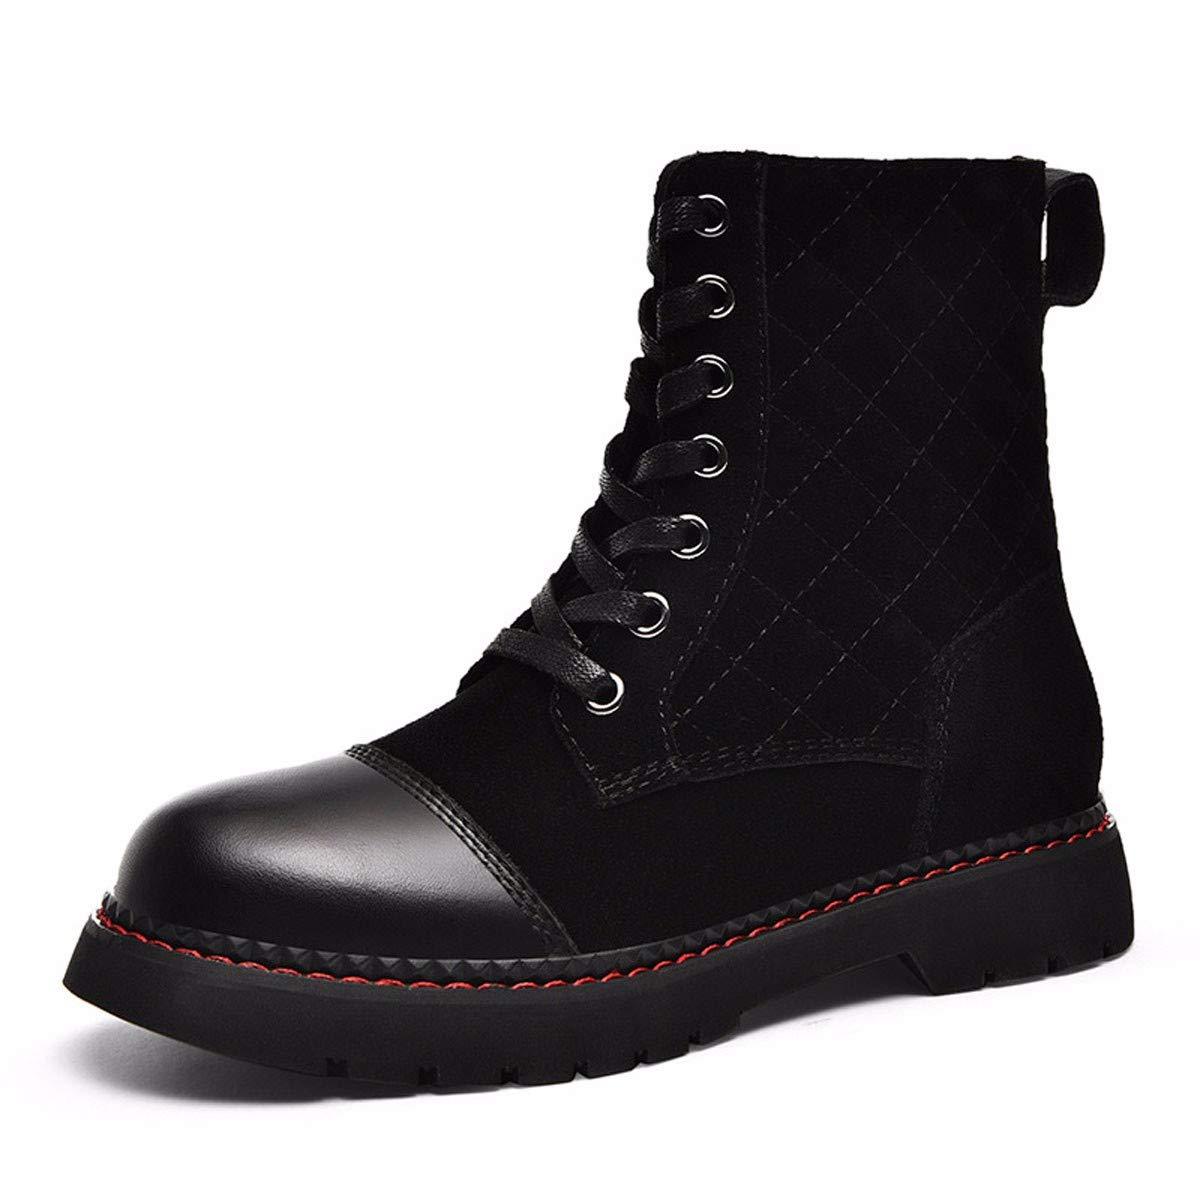 noir Thirty-eight GTVERNH Chaussures Femmes Femmes à Fond Plat Anglais Court De Bottes Vent Velours 3 Cm De Talon Haut.